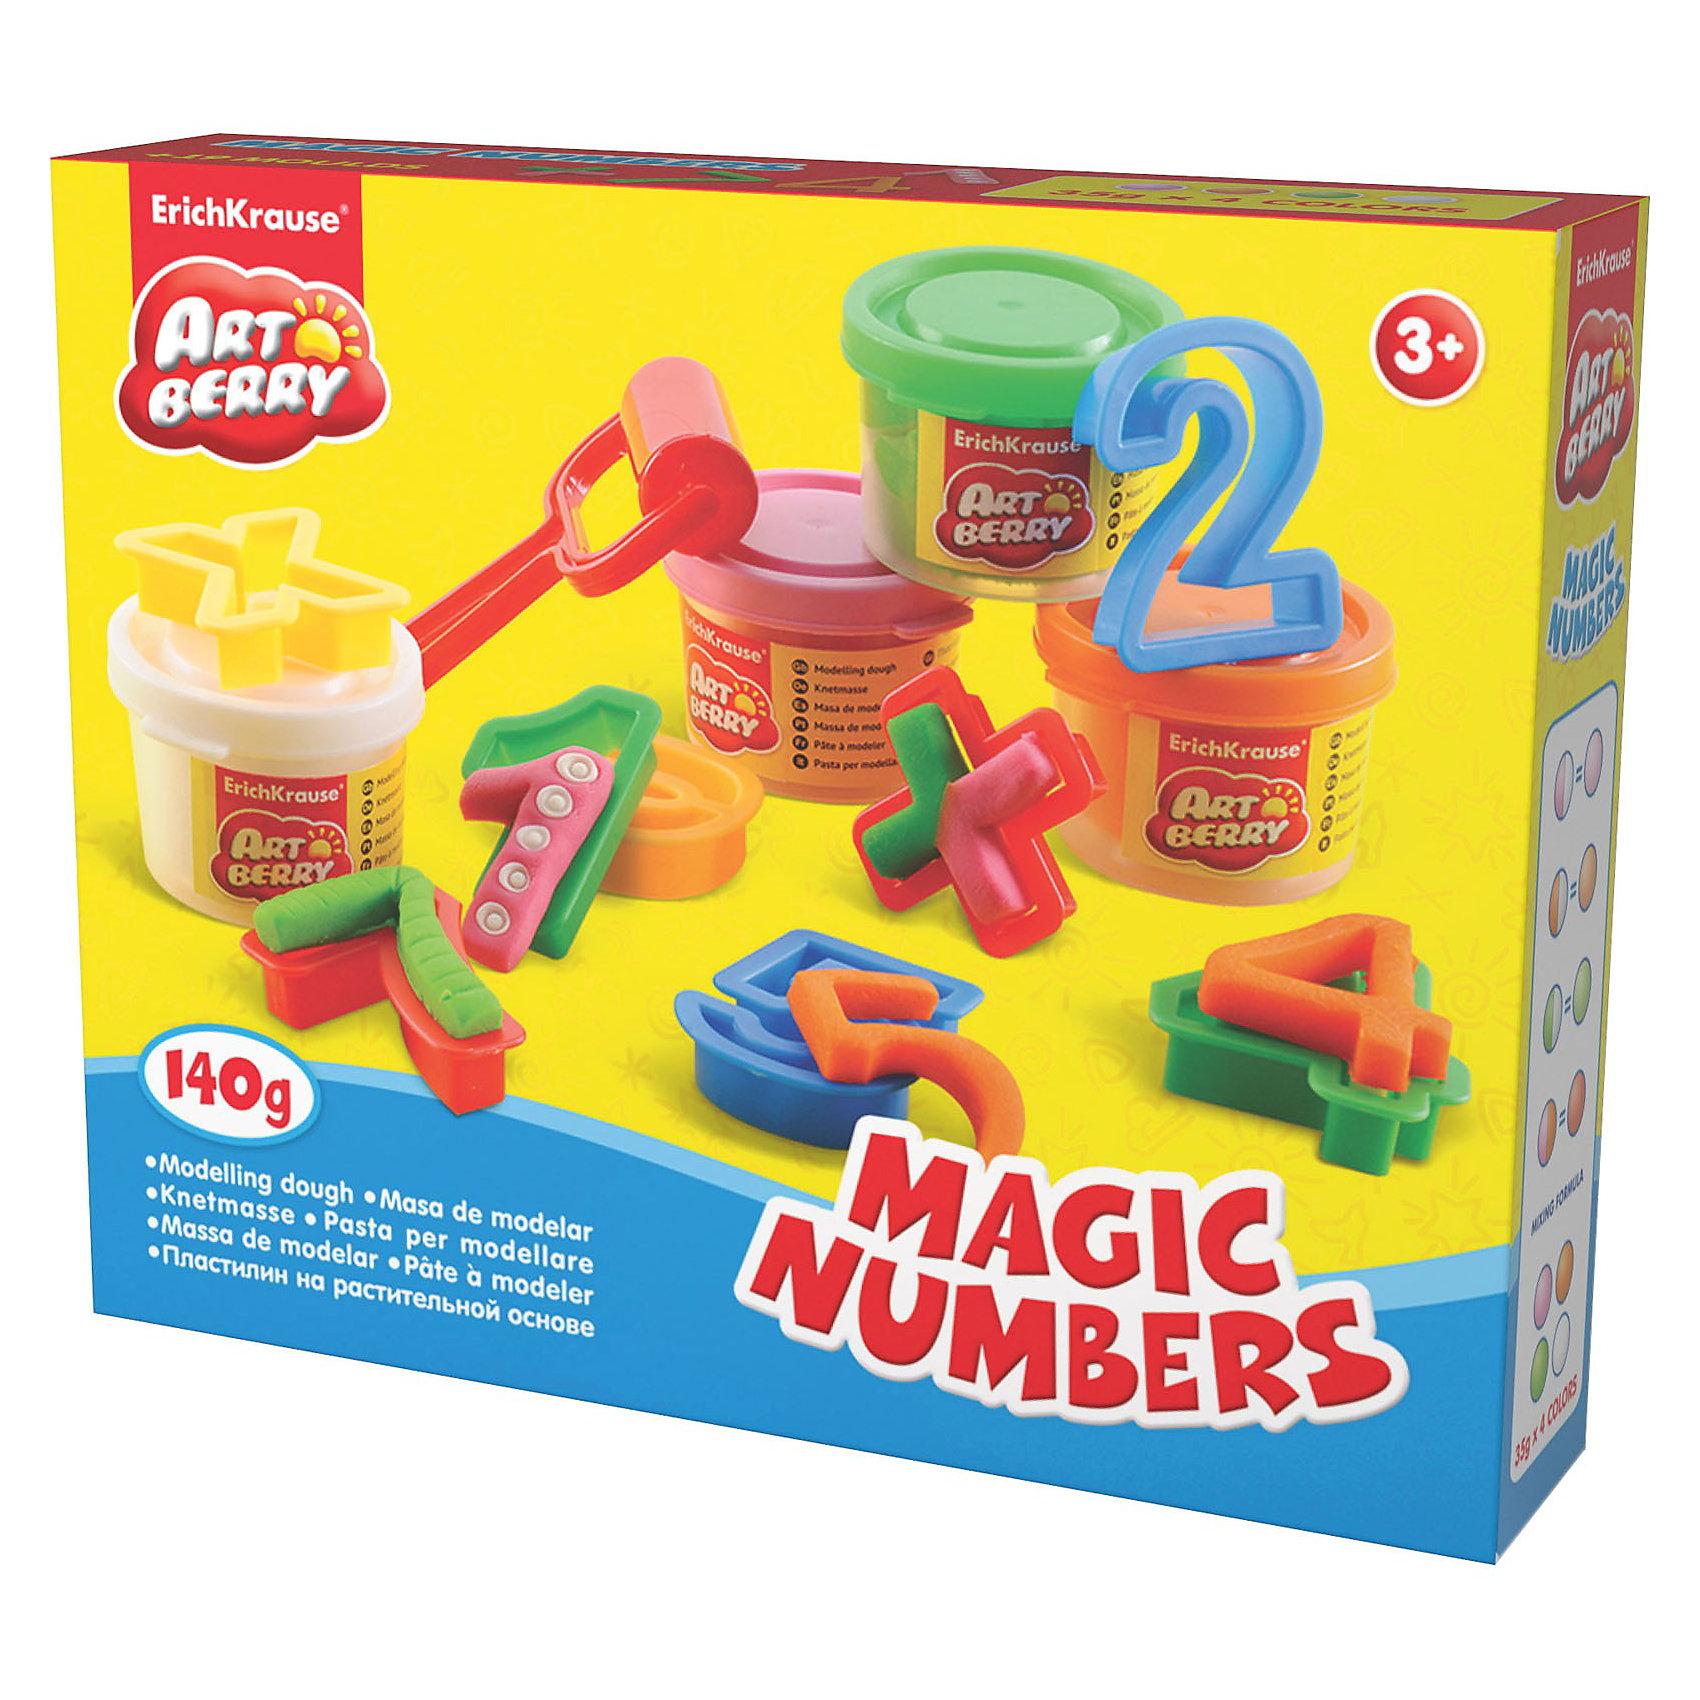 Игровой набор Волшебные цифры, Artberry, 4 цвЛепка<br>Пластилин на растительной основе Magic Numbers, 4 цв от Erich Krause (Эрих Краузе) абсолютно безопасен для Вашего малыша!<br><br>Дополнительная информация:<br><br>Состав: 4 цвета пластилина по 35 г + 15 формочек- арифметика, 3 стека, ролик для пластилина. <br>Упаковка: картонная коробка в термоплёнке<br><br>Ширина мм: 225<br>Глубина мм: 80<br>Высота мм: 150<br>Вес г: 365<br>Возраст от месяцев: 36<br>Возраст до месяцев: 144<br>Пол: Унисекс<br>Возраст: Детский<br>SKU: 3293867